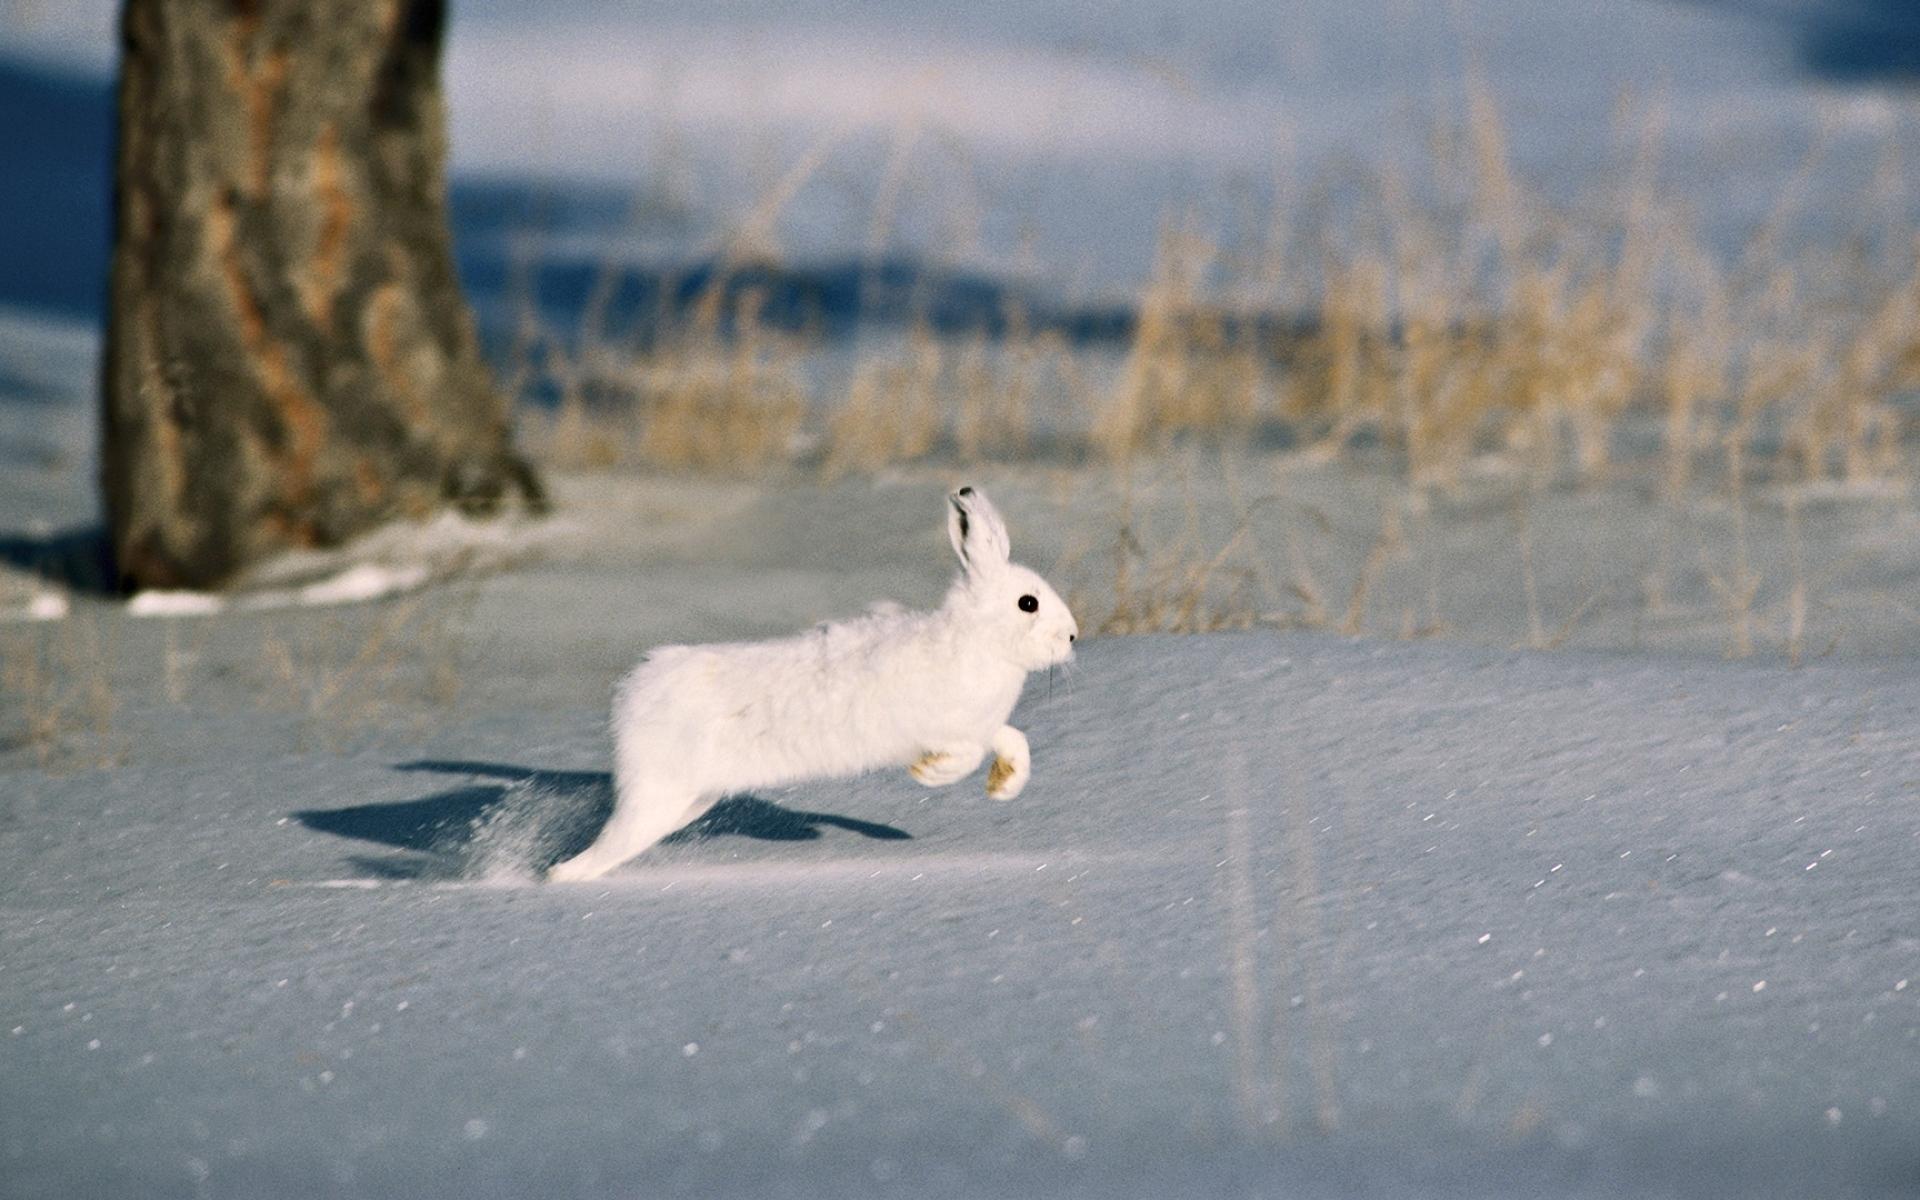 Картинки снег, дерева, грызун, шуба, кролик фото и обои на рабочий стол